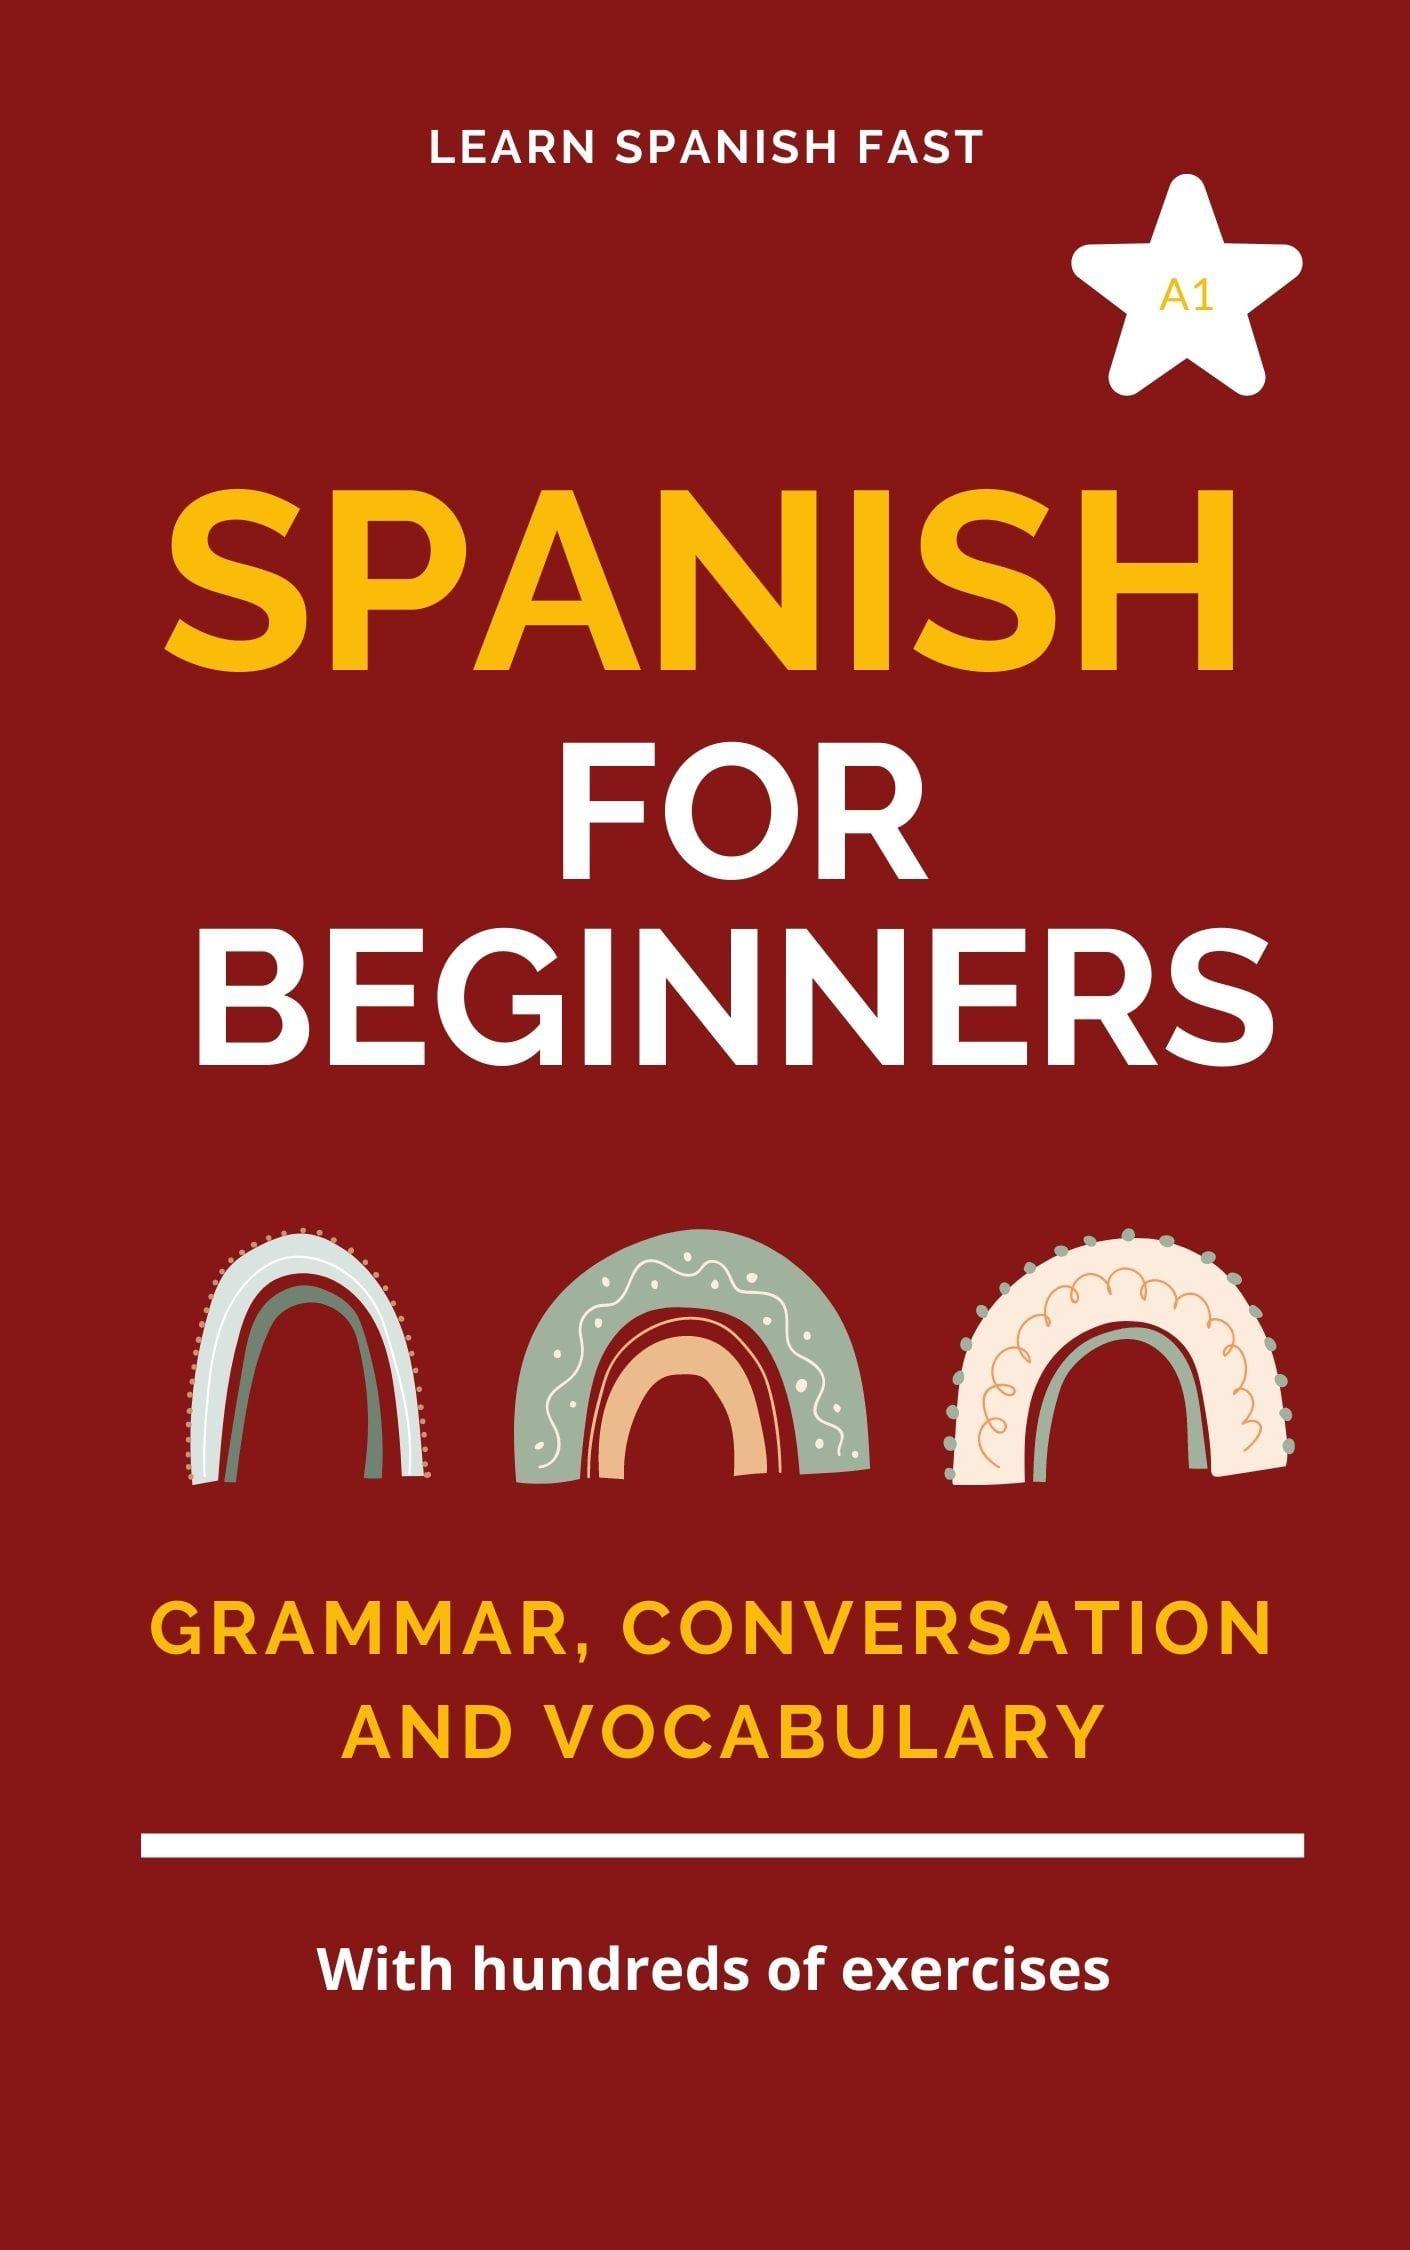 46+ Resume in spanish feminine ideas